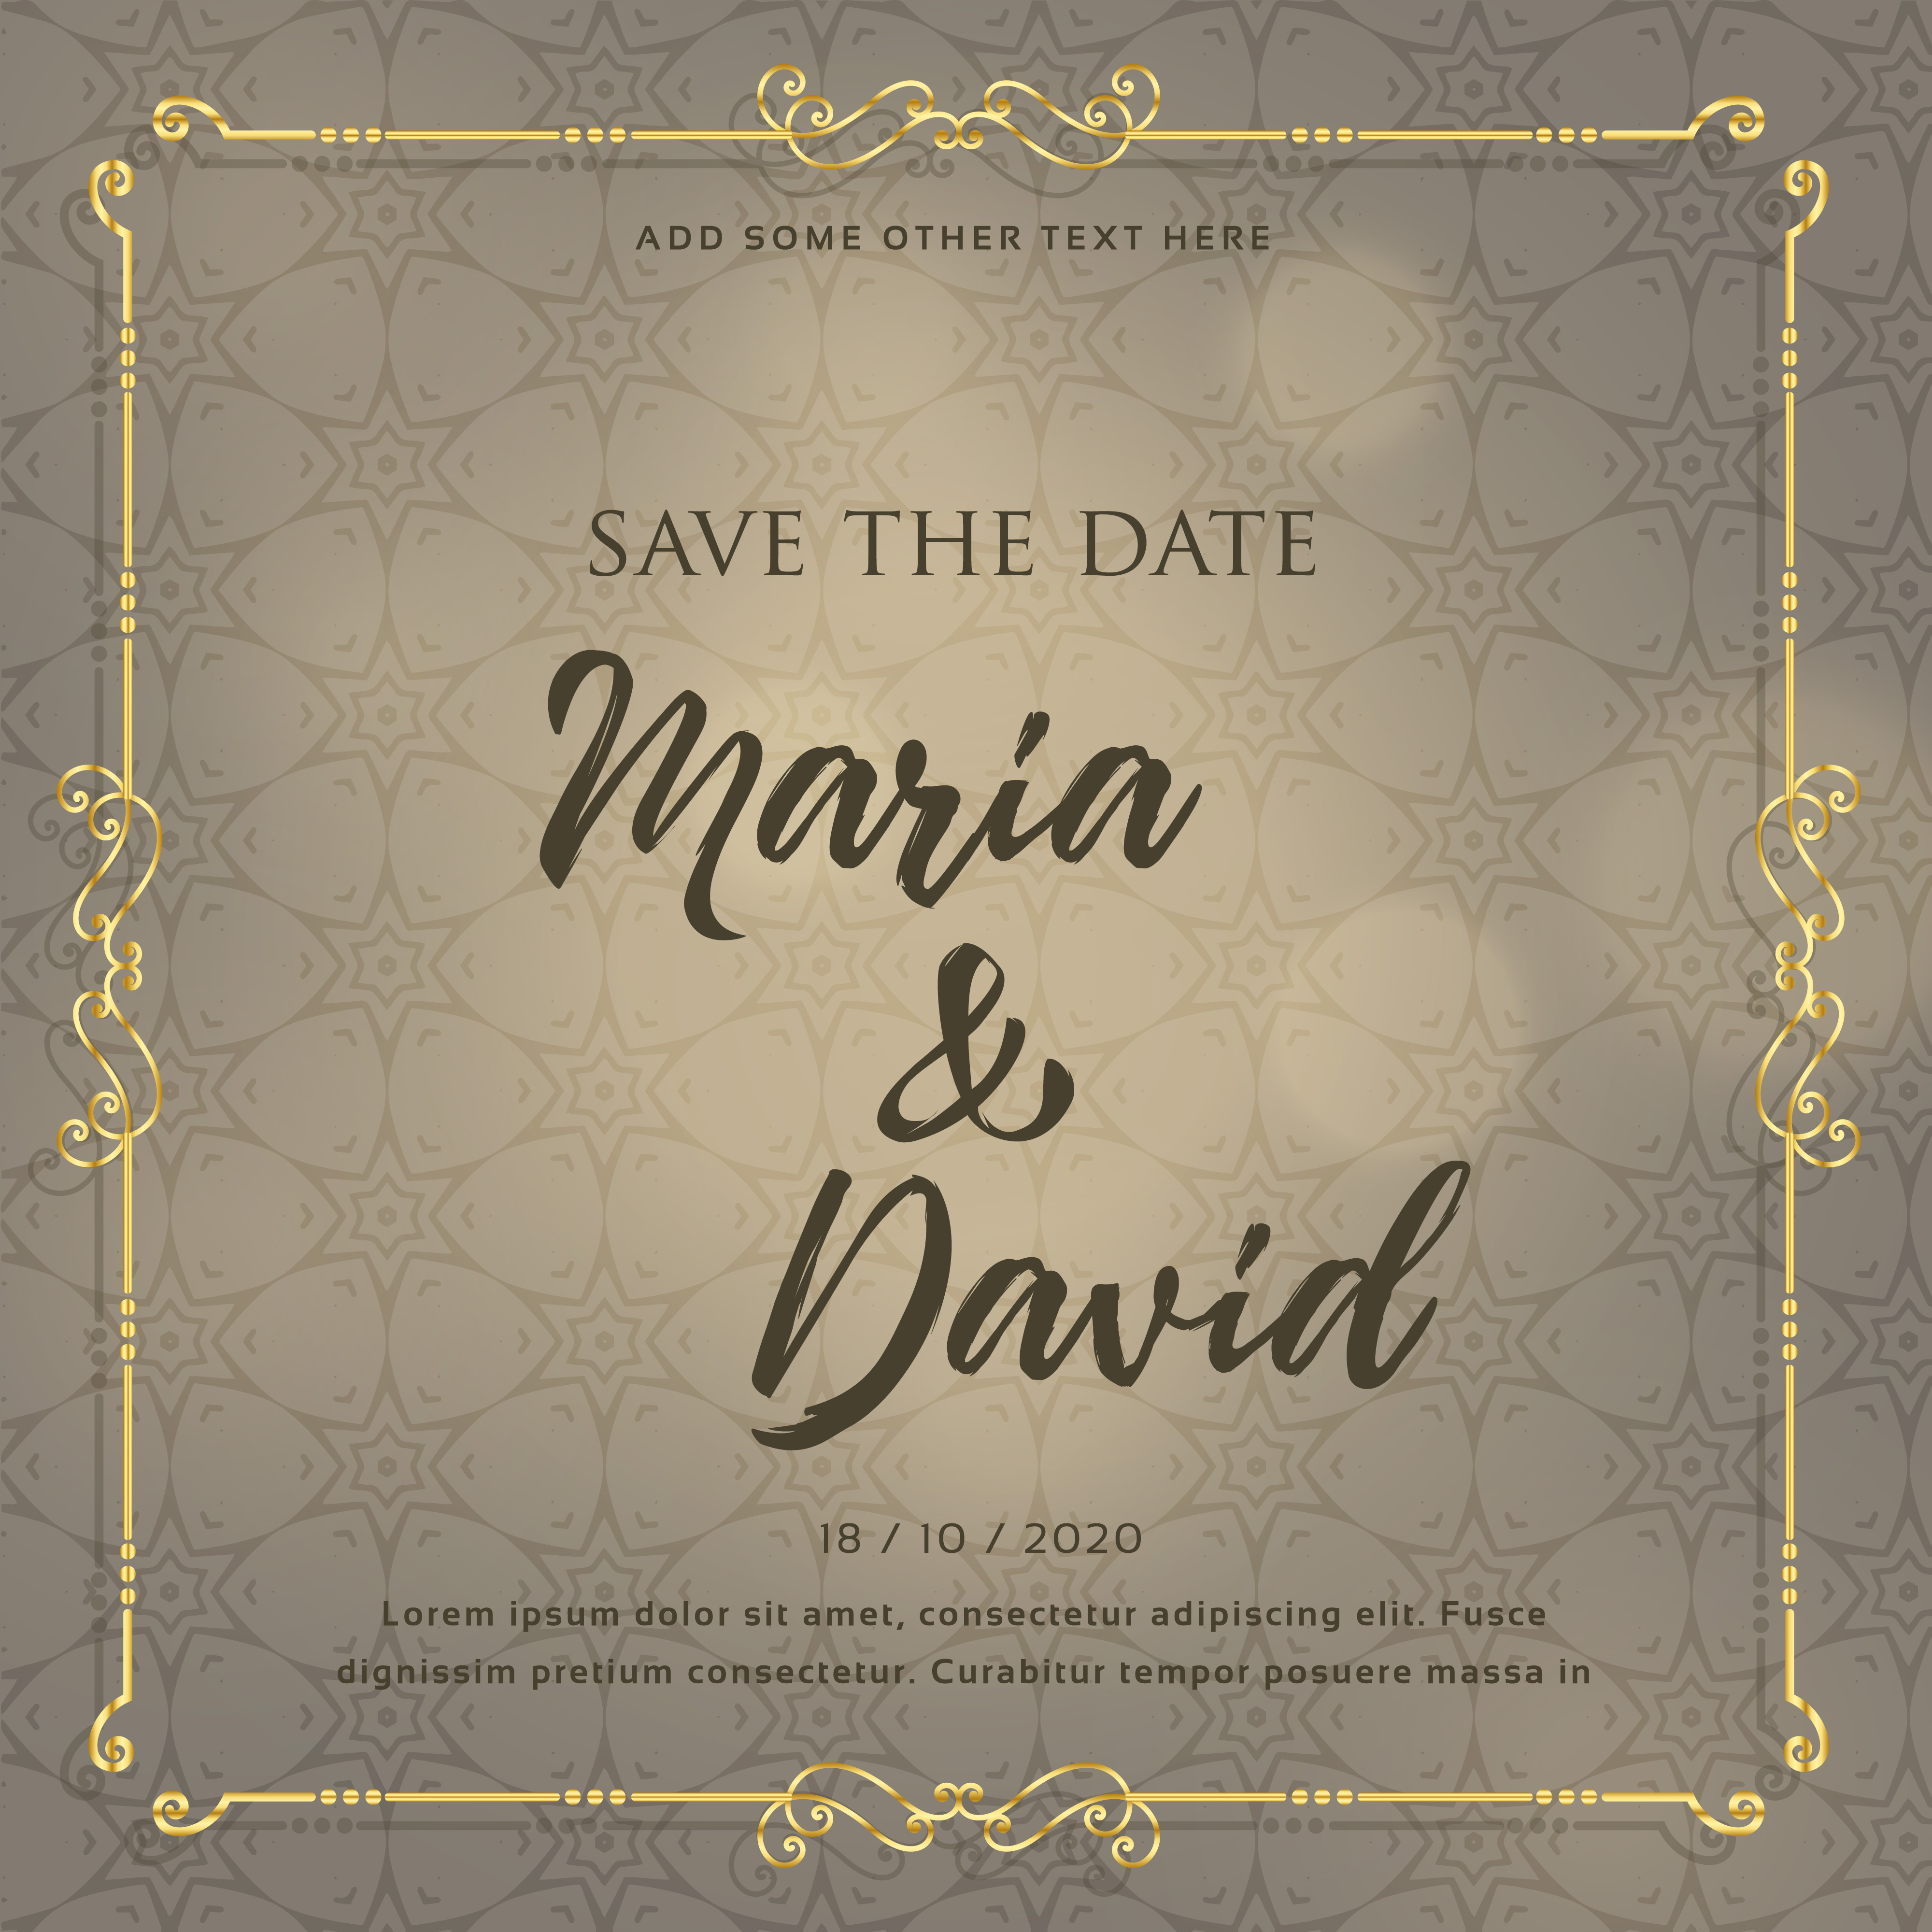 invitation card design  12705 free downloads